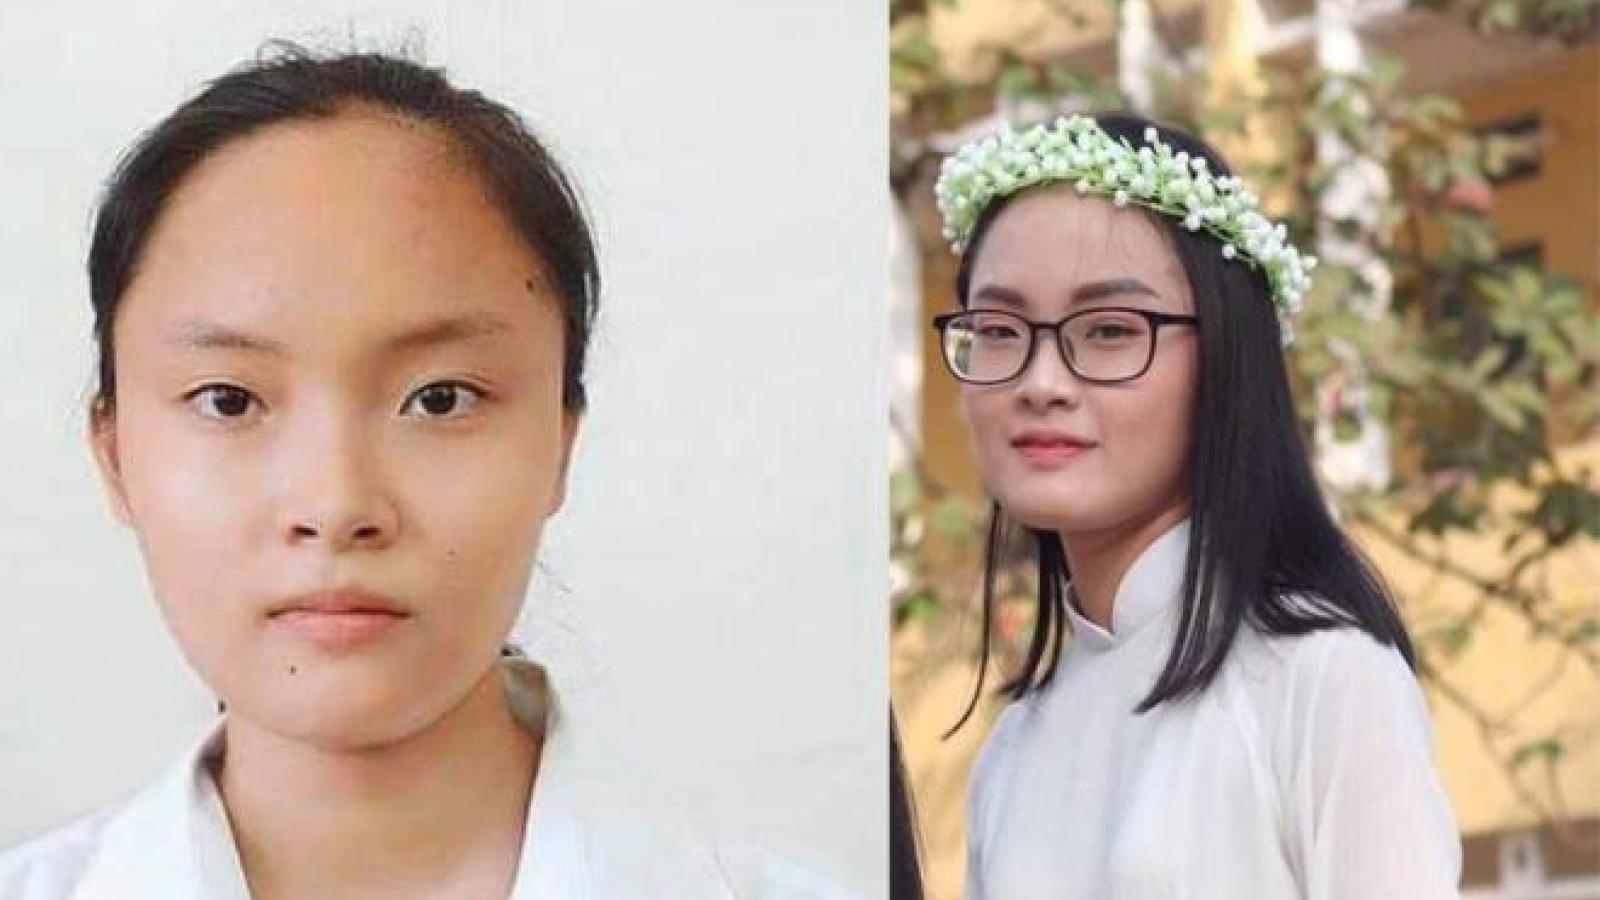 Nữ sinh Học viện Ngân hàng mất tích bí ẩn: Bắt giữ 1 người đàn ông liên quan